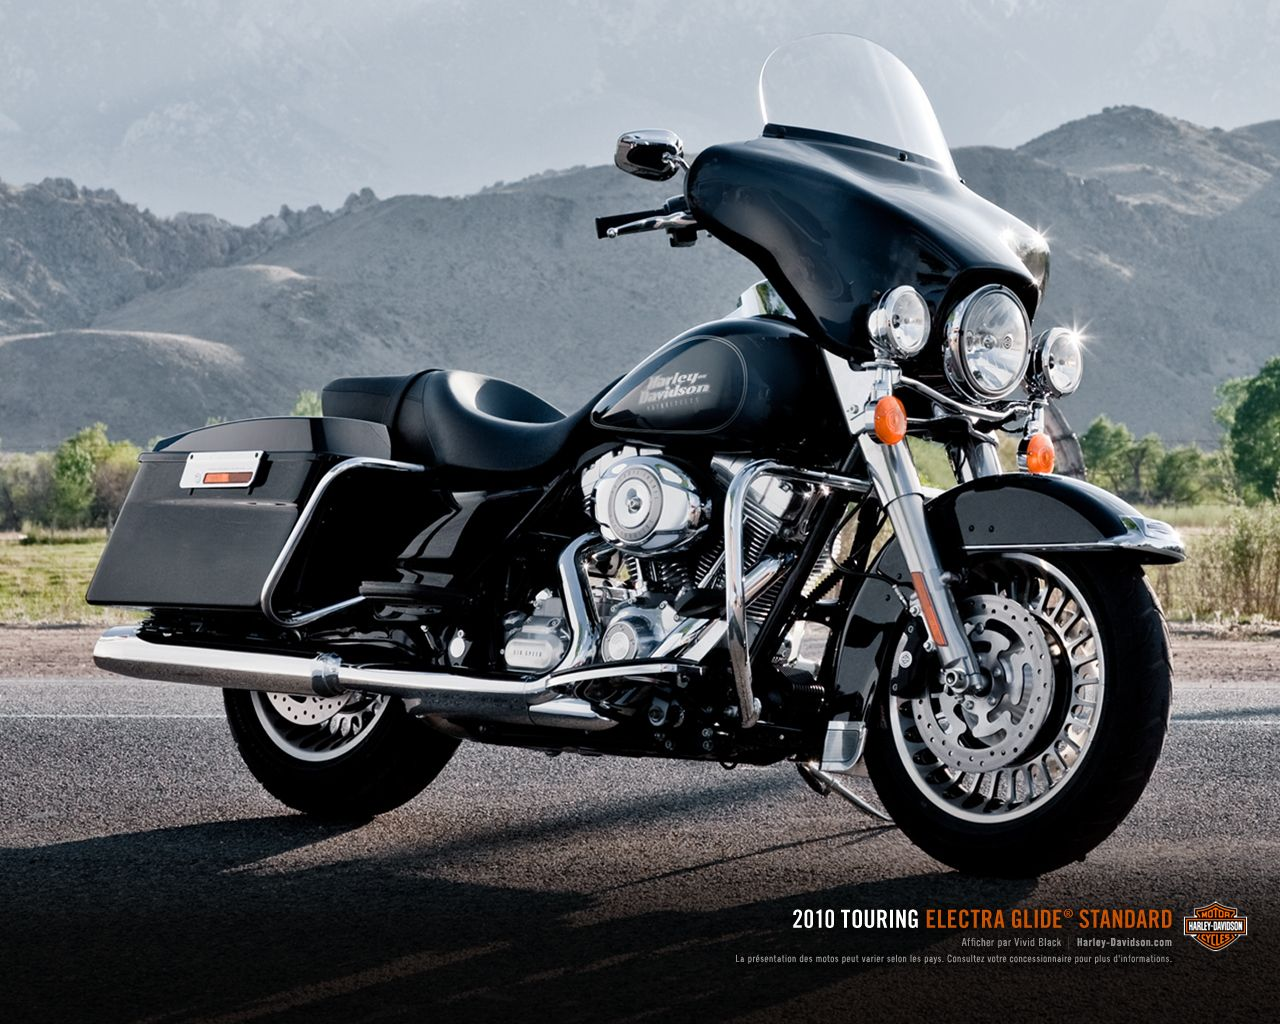 ELECTRA GLIDE STANDARD - Harley-Davidson FLHT Electra Glide Standard 1280 x  1024 11 Harley